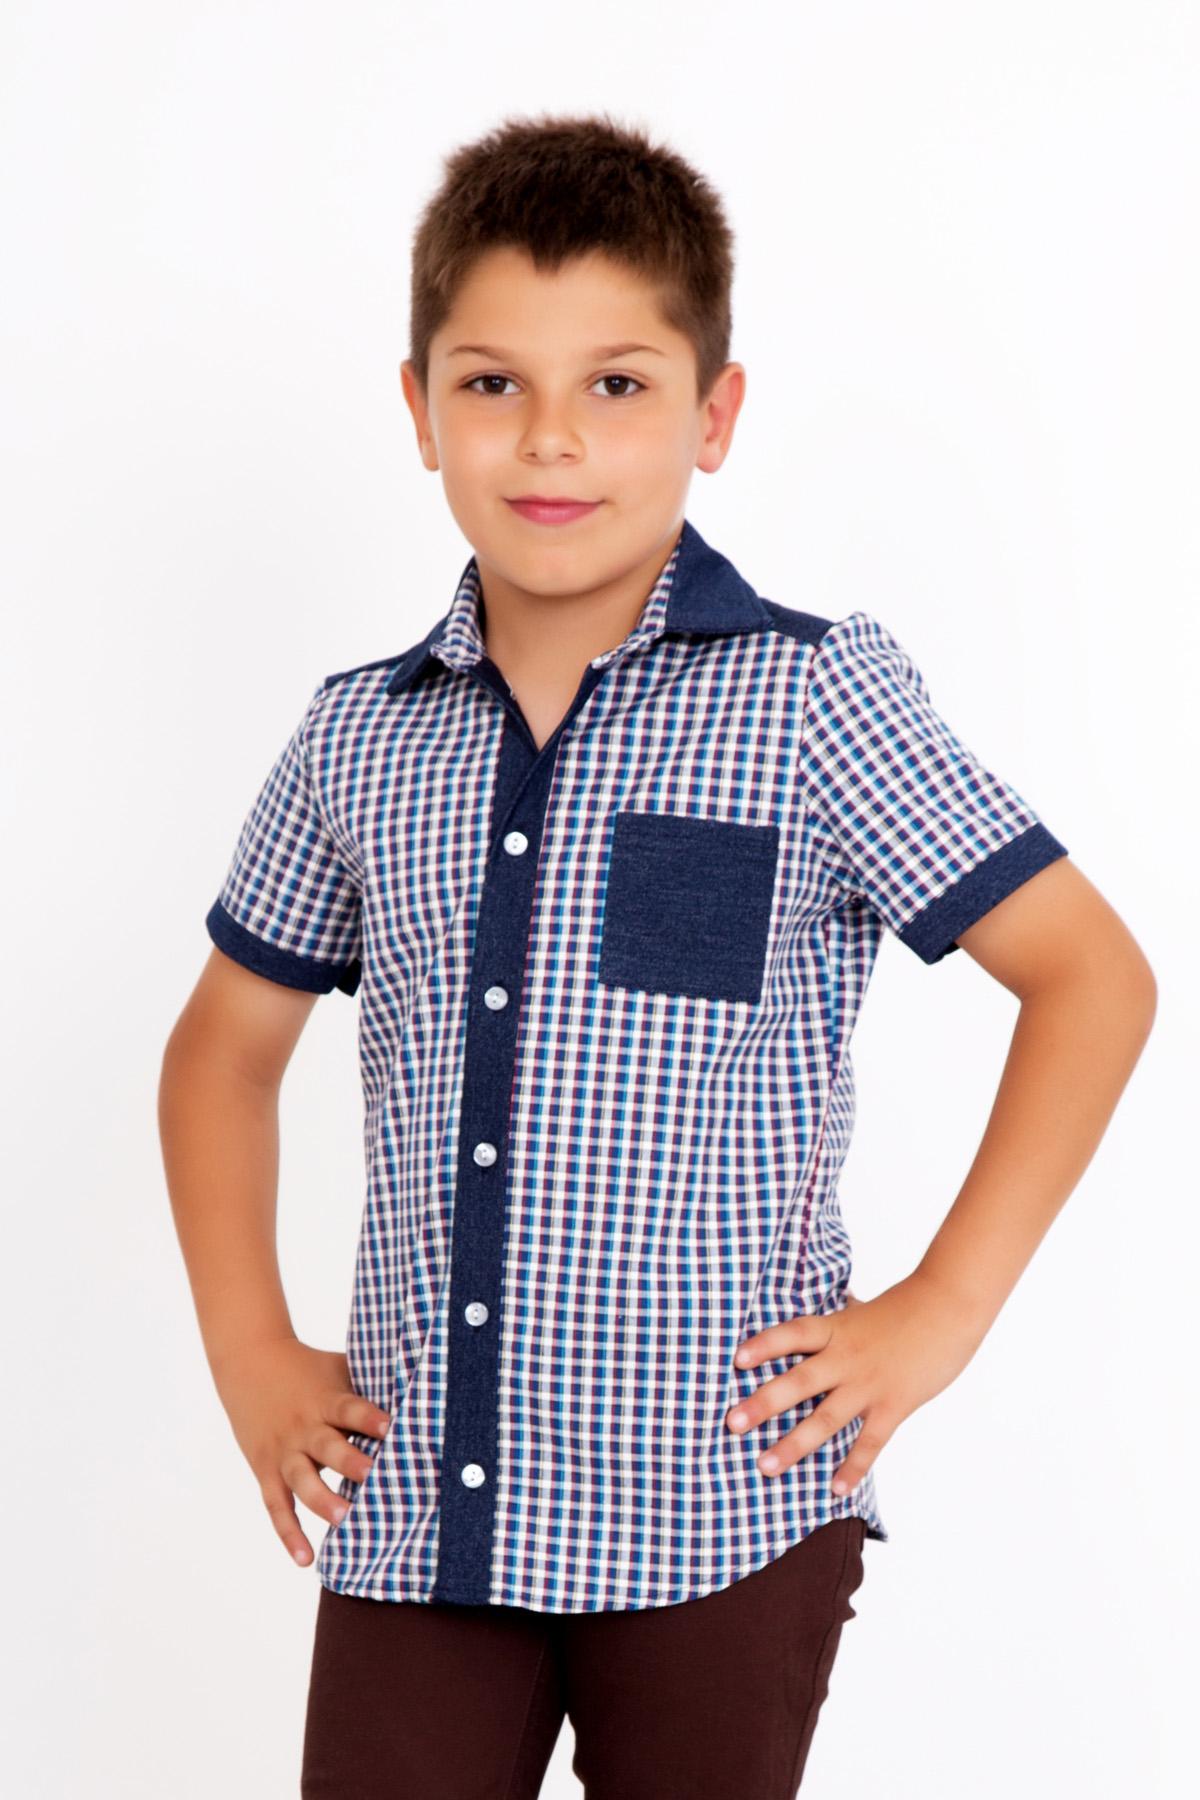 Детская рубашка Анвар, размер 6 летТолстовки, джемпера и рубашки<br><br><br>Тип: Дет. рубашка<br>Размер: 6 лет<br>Материал: Шотландка